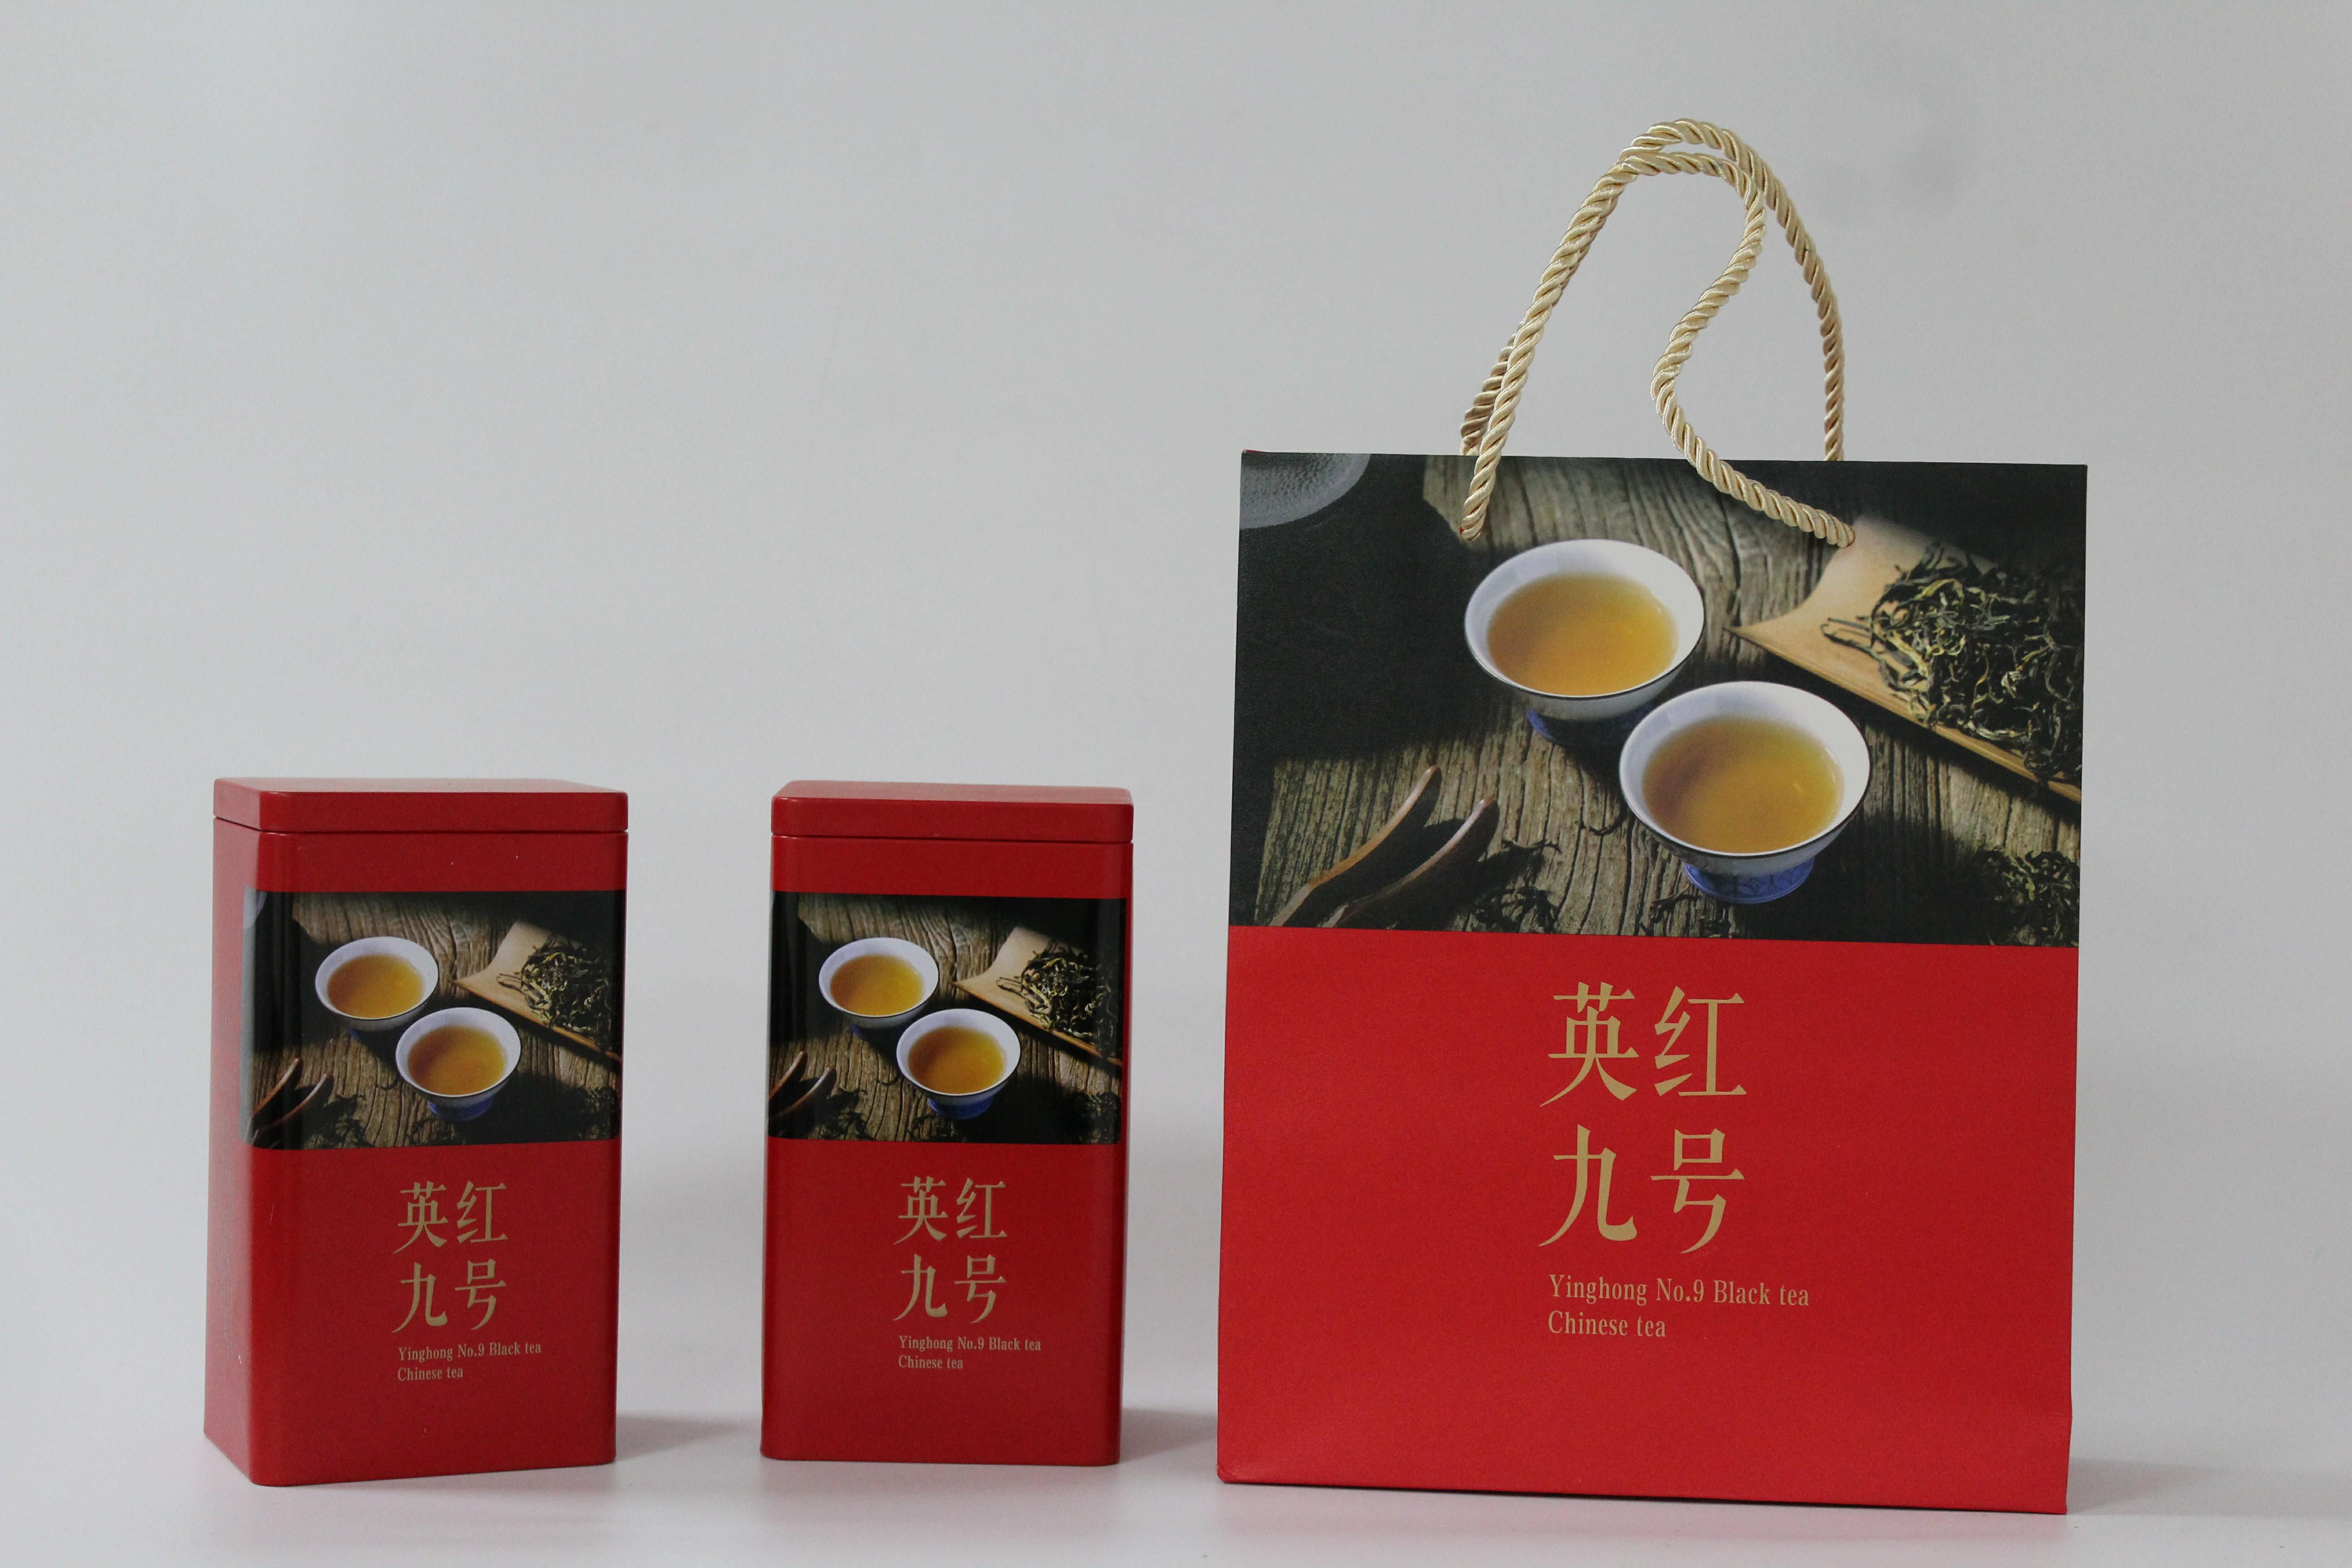 茶叶包装袋 礼盒装 浓香型 红茶英红九号特级纯朴 广东英德特产